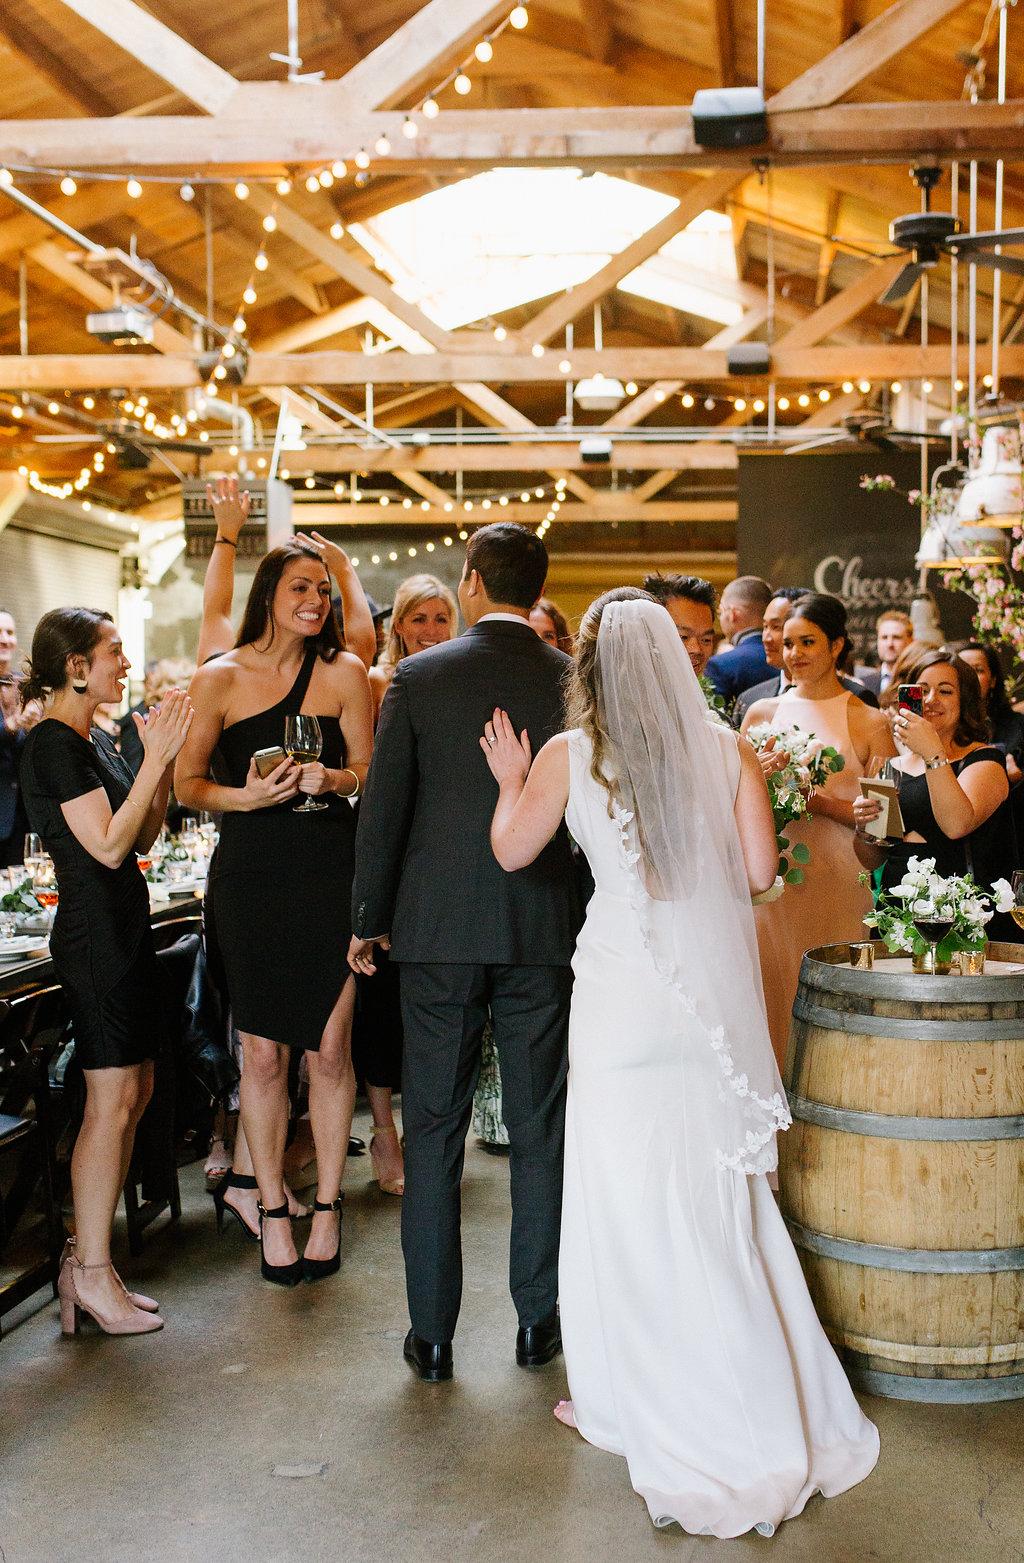 DarcyBrian_wedding_cdp-137.jpg